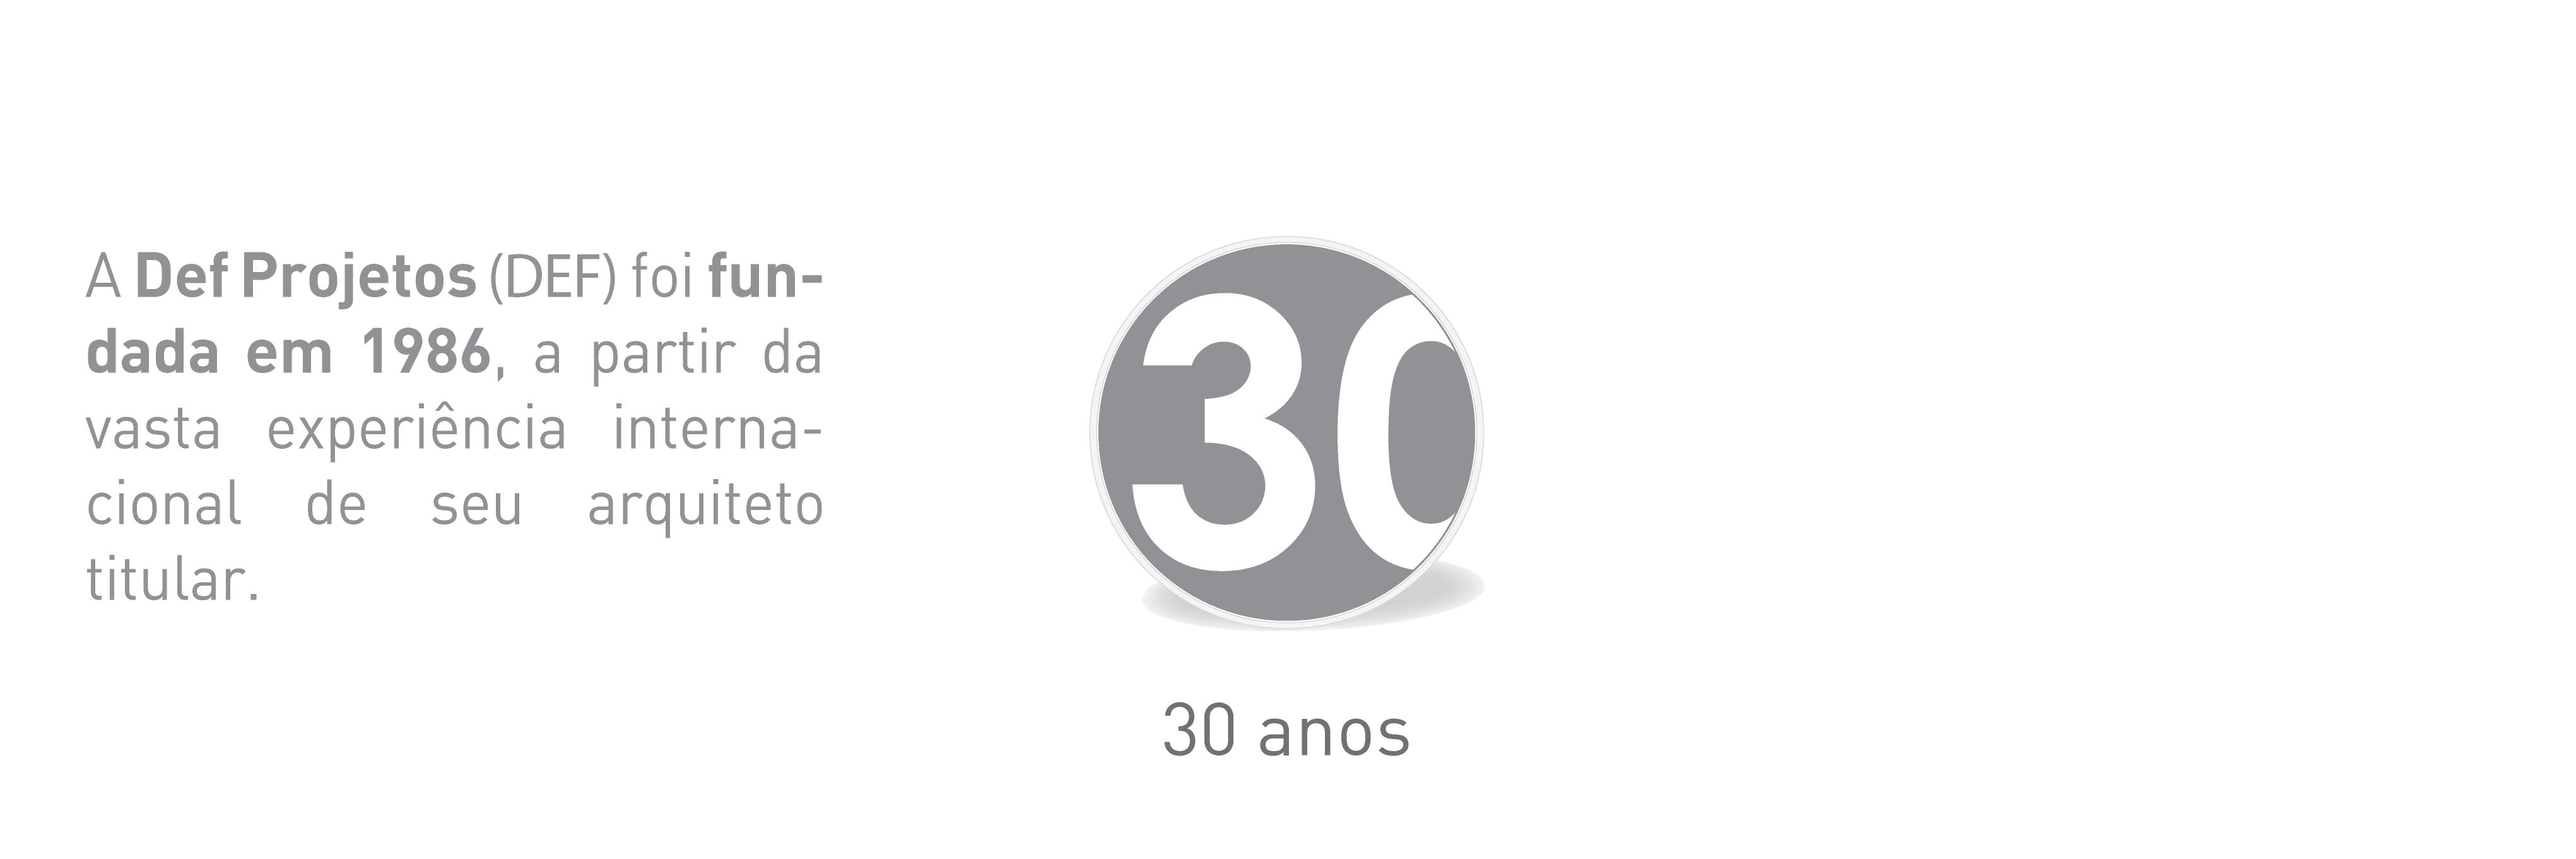 def 30